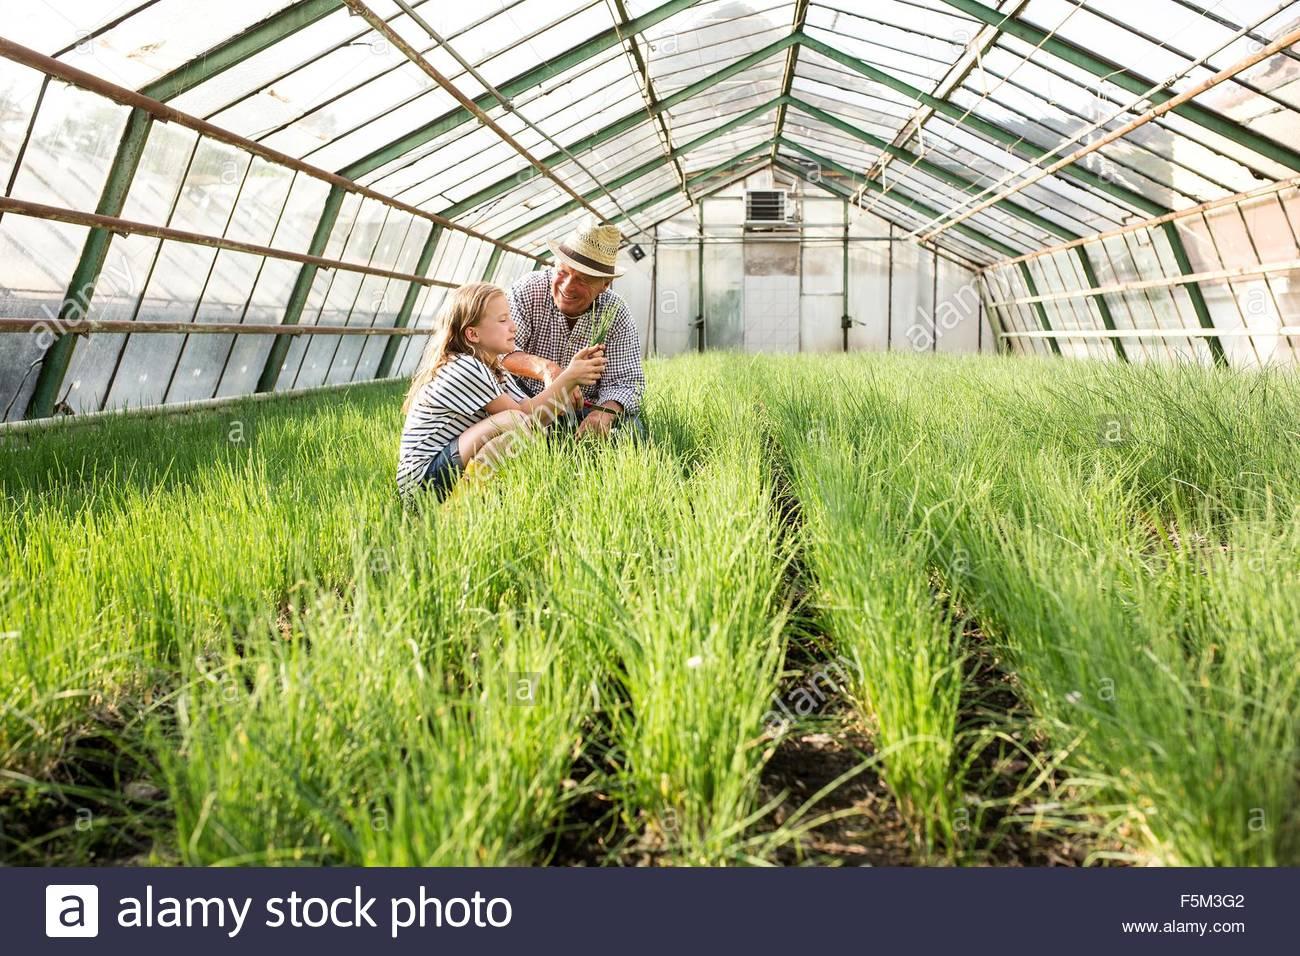 Abuelo y nieta en invernadero control de calidad de plantas de cebollino Imagen De Stock